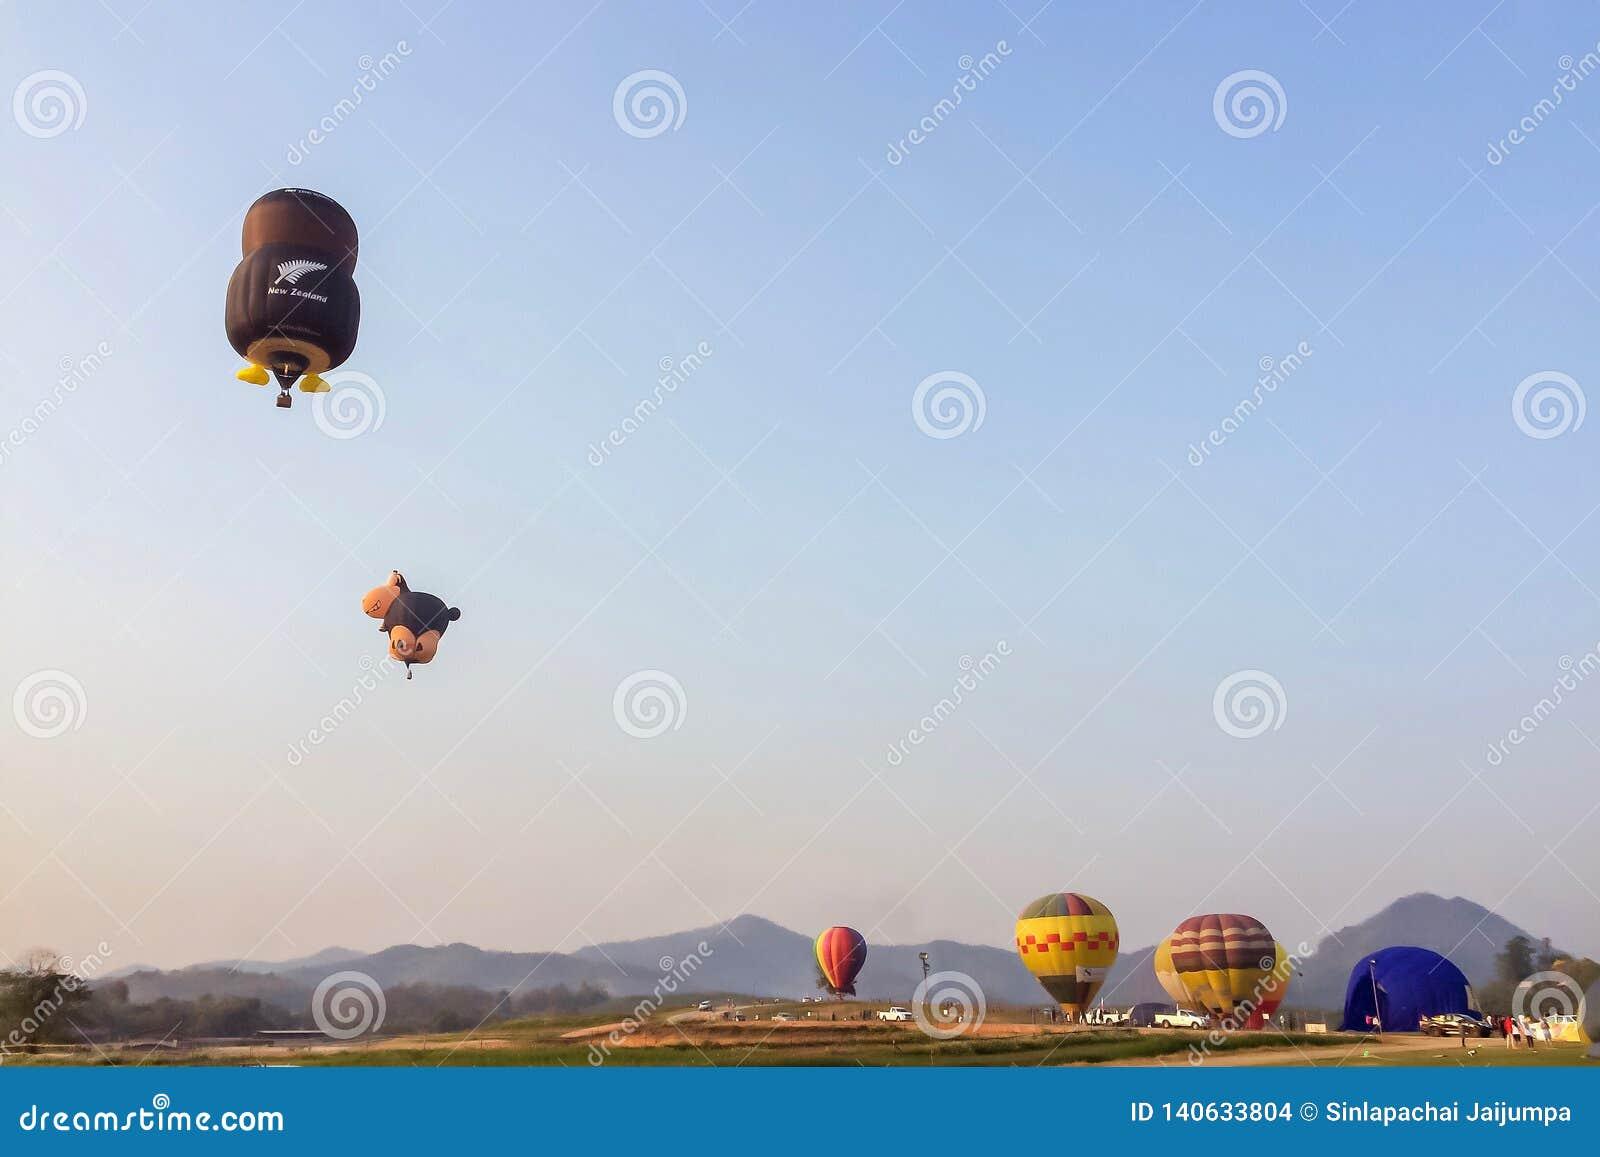 Balão de ar quente colorido que flutua sobre o prado com montanha e o céu azul no parque Chiang Rai International Balloon Fiesta